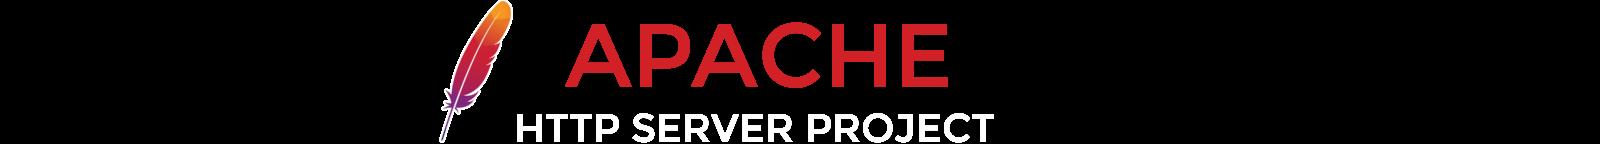 CVE-2017-15715 - Apache HTTP Server - FilesMatch bypass with a